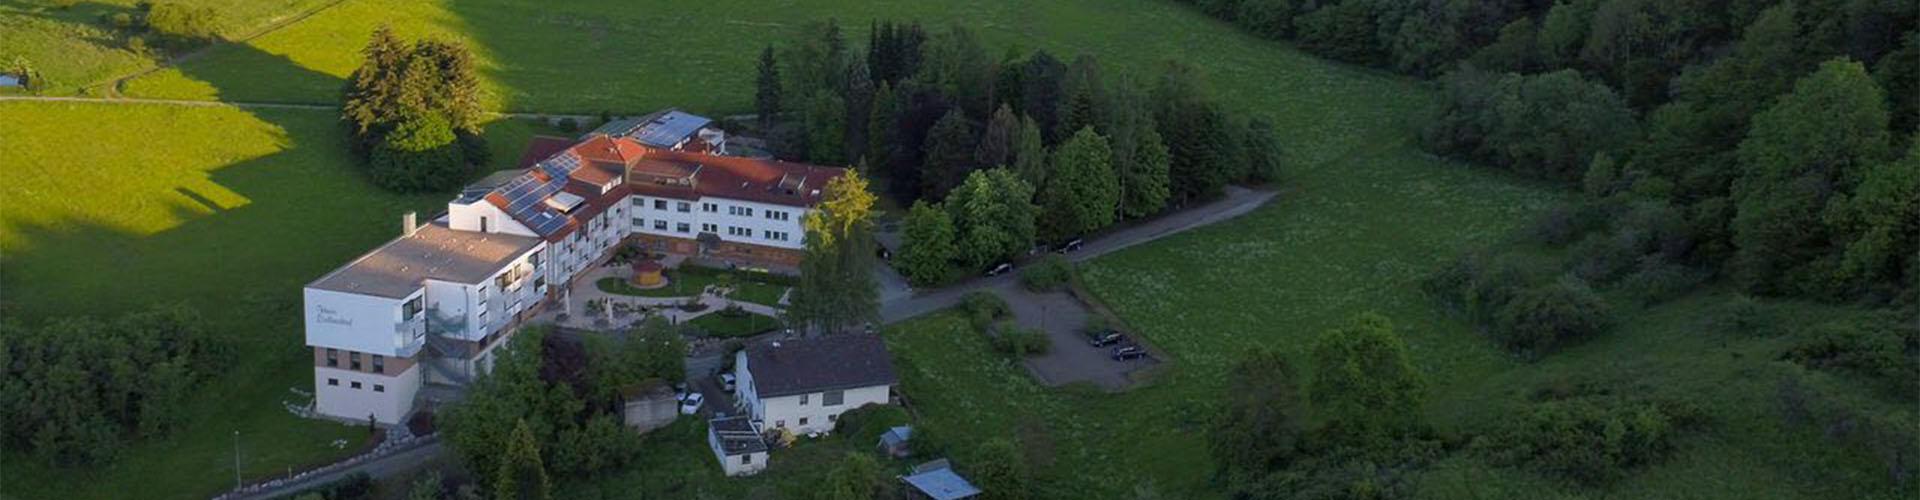 Slider-Luftaufnahme